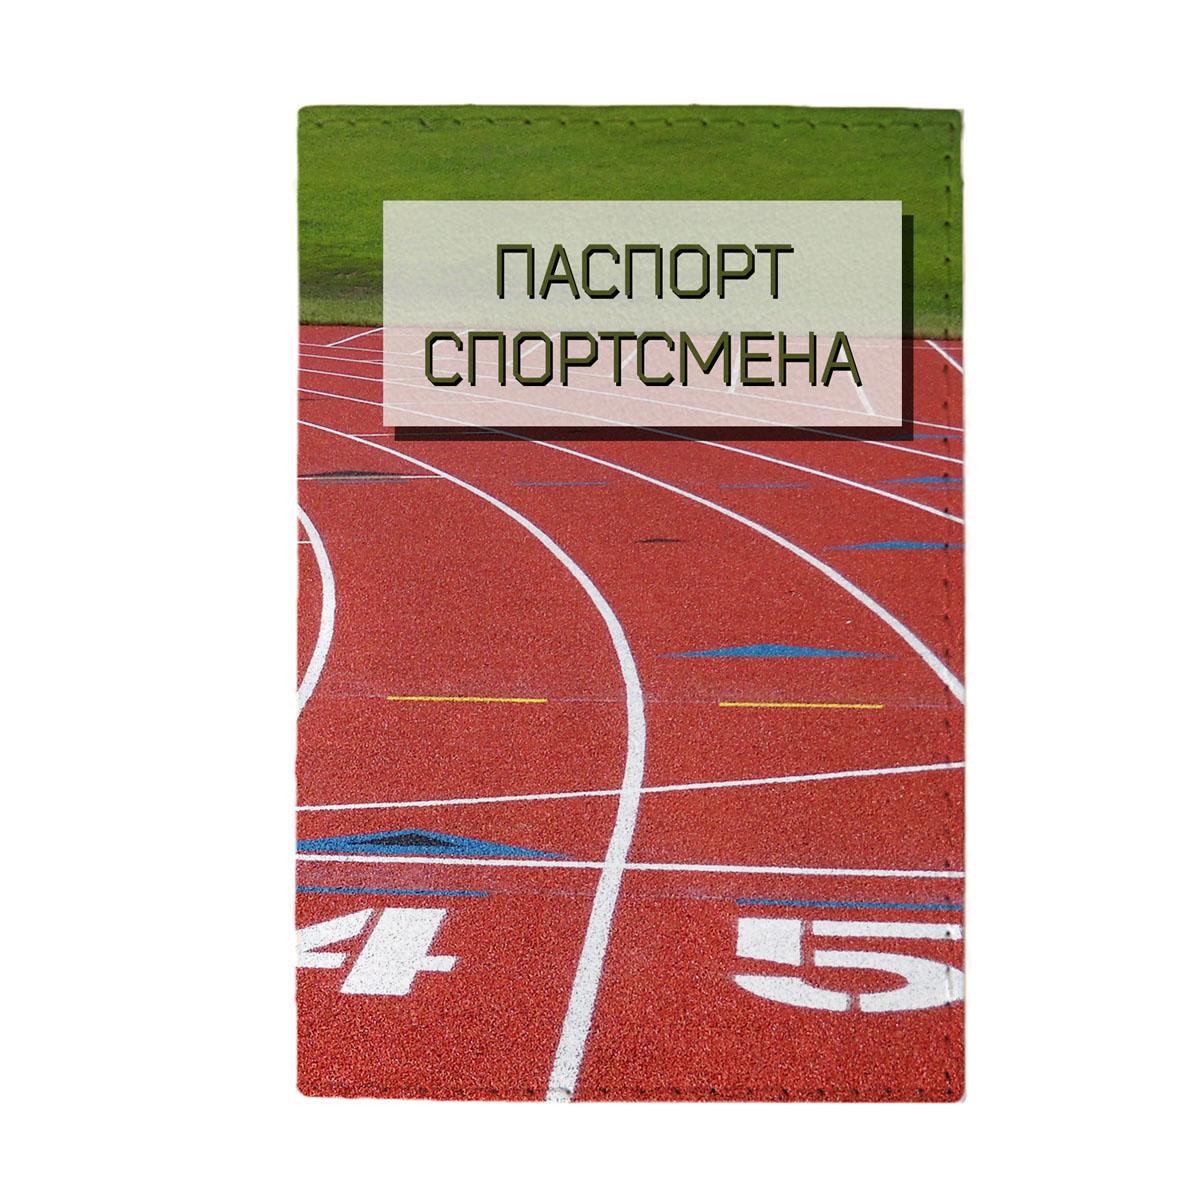 Обложка для паспорта мужская Mitya Veselkov  Спортсмен , цвет: мультицвет. OZAM393 - Обложки для паспорта